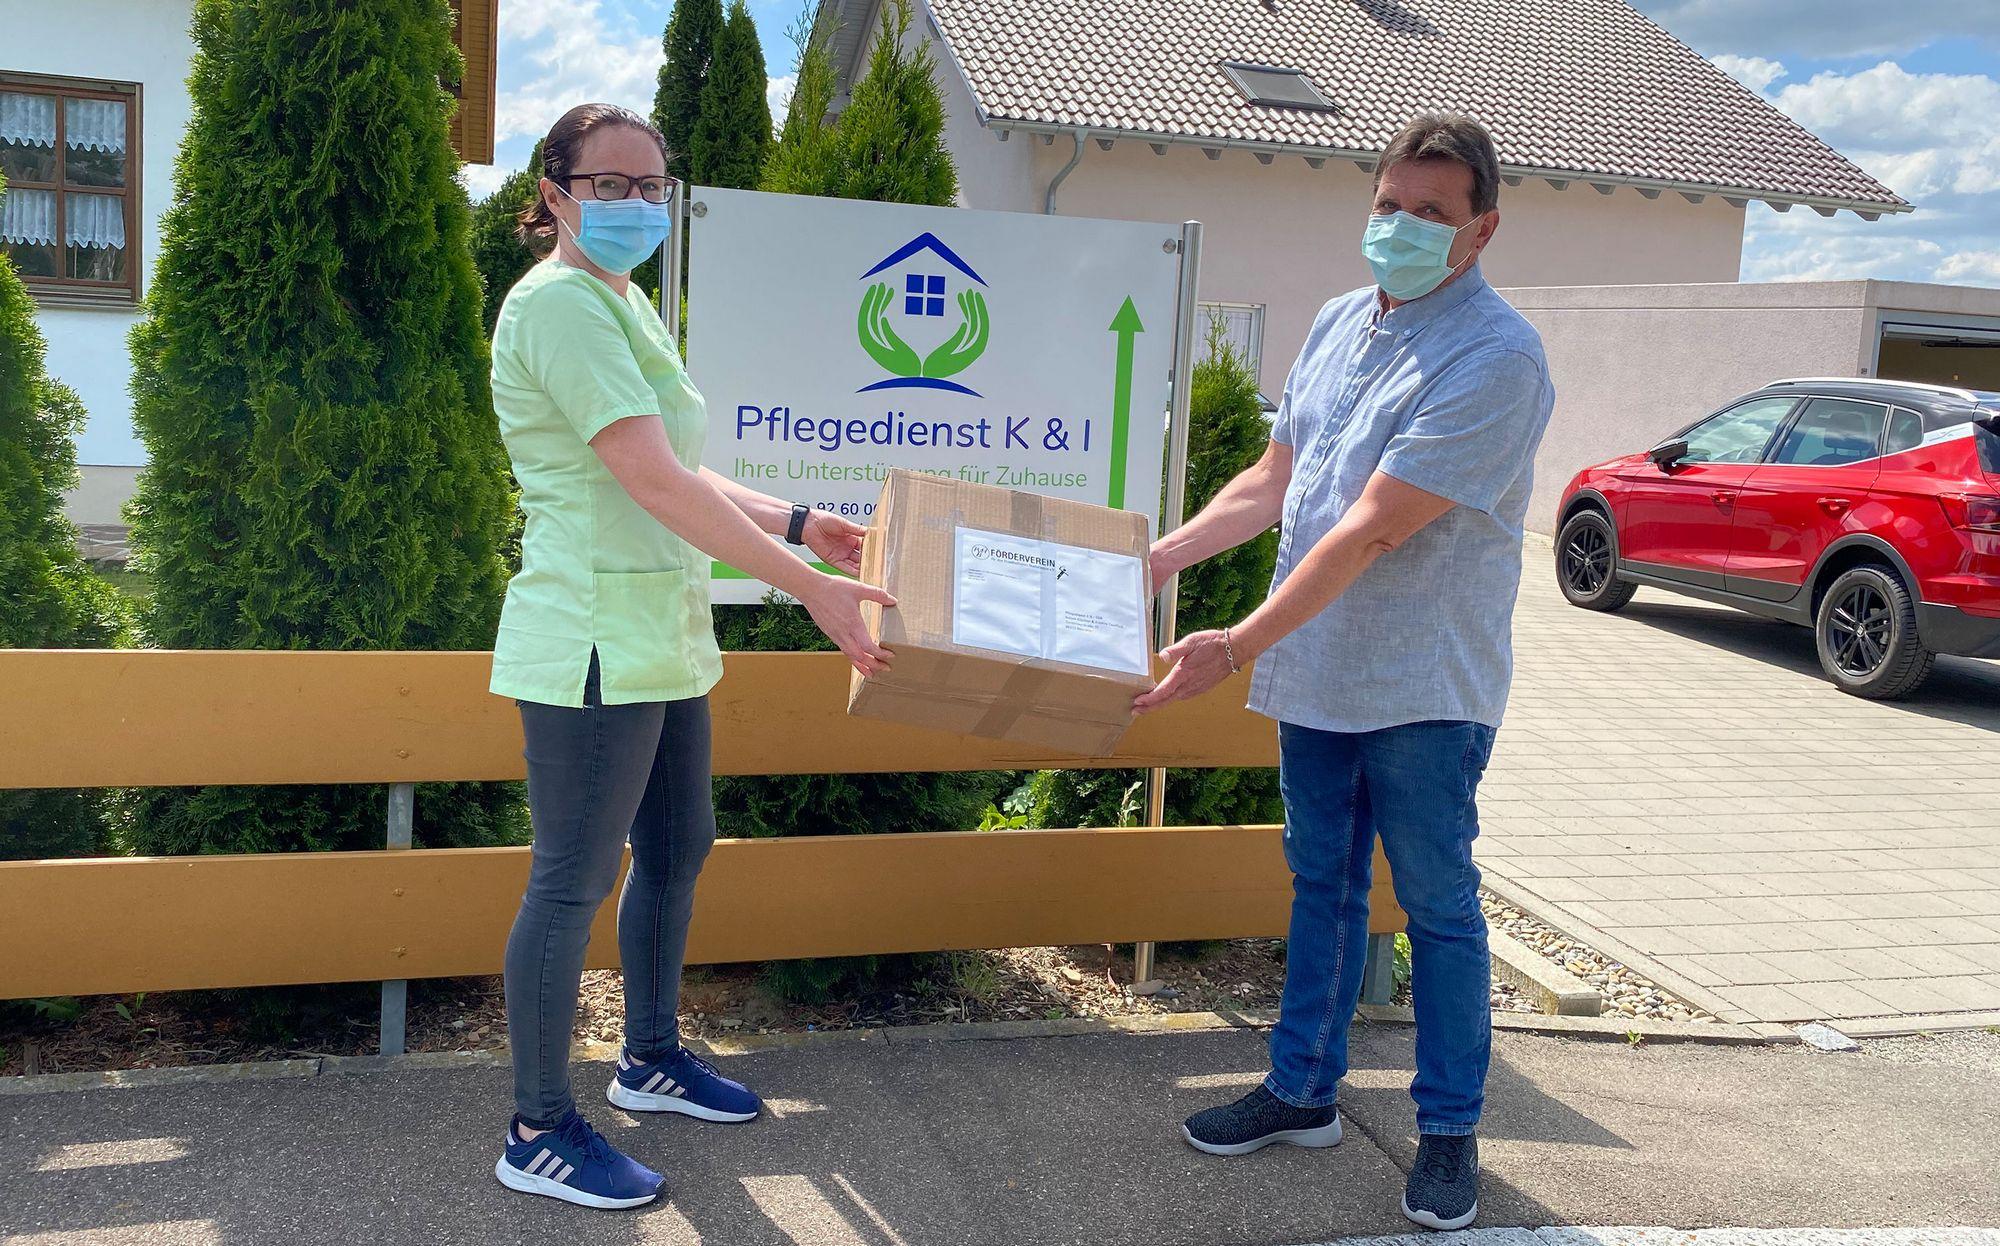 Schutzmasken für die örtlichen Pflegedienste